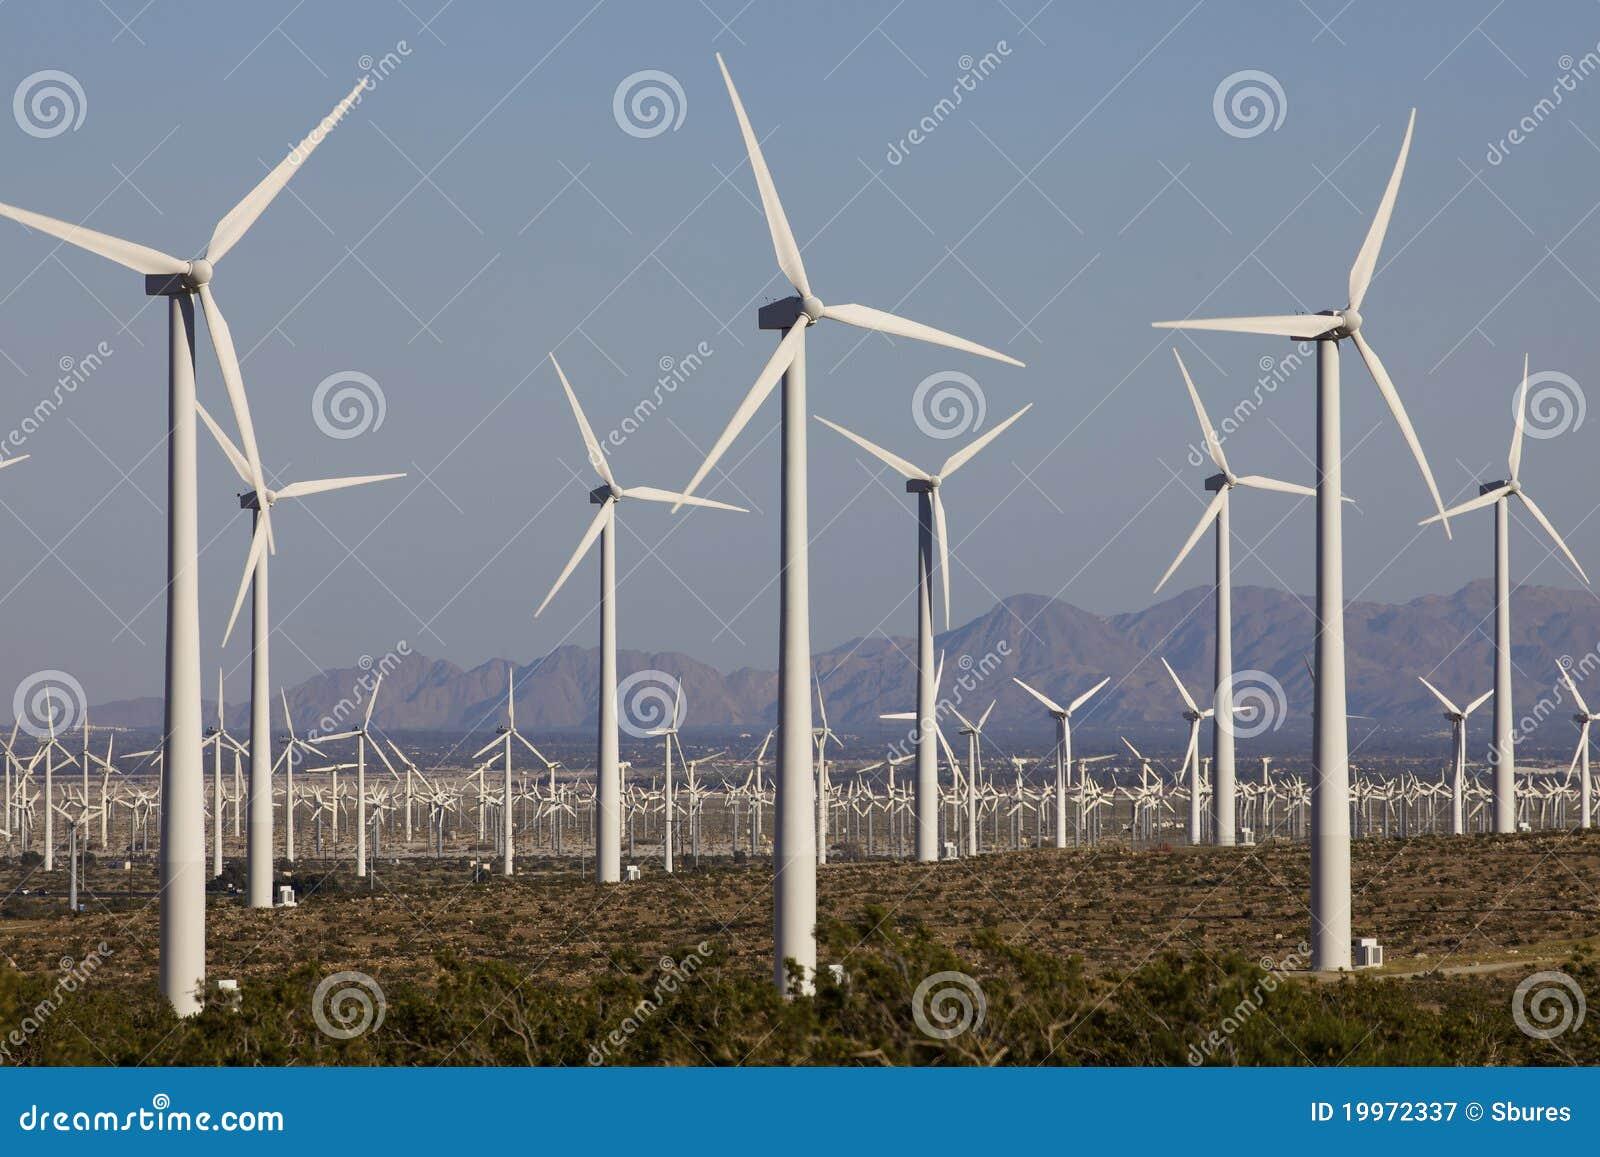 Turbinas de viento en granja del molino de viento de la energía alternativa